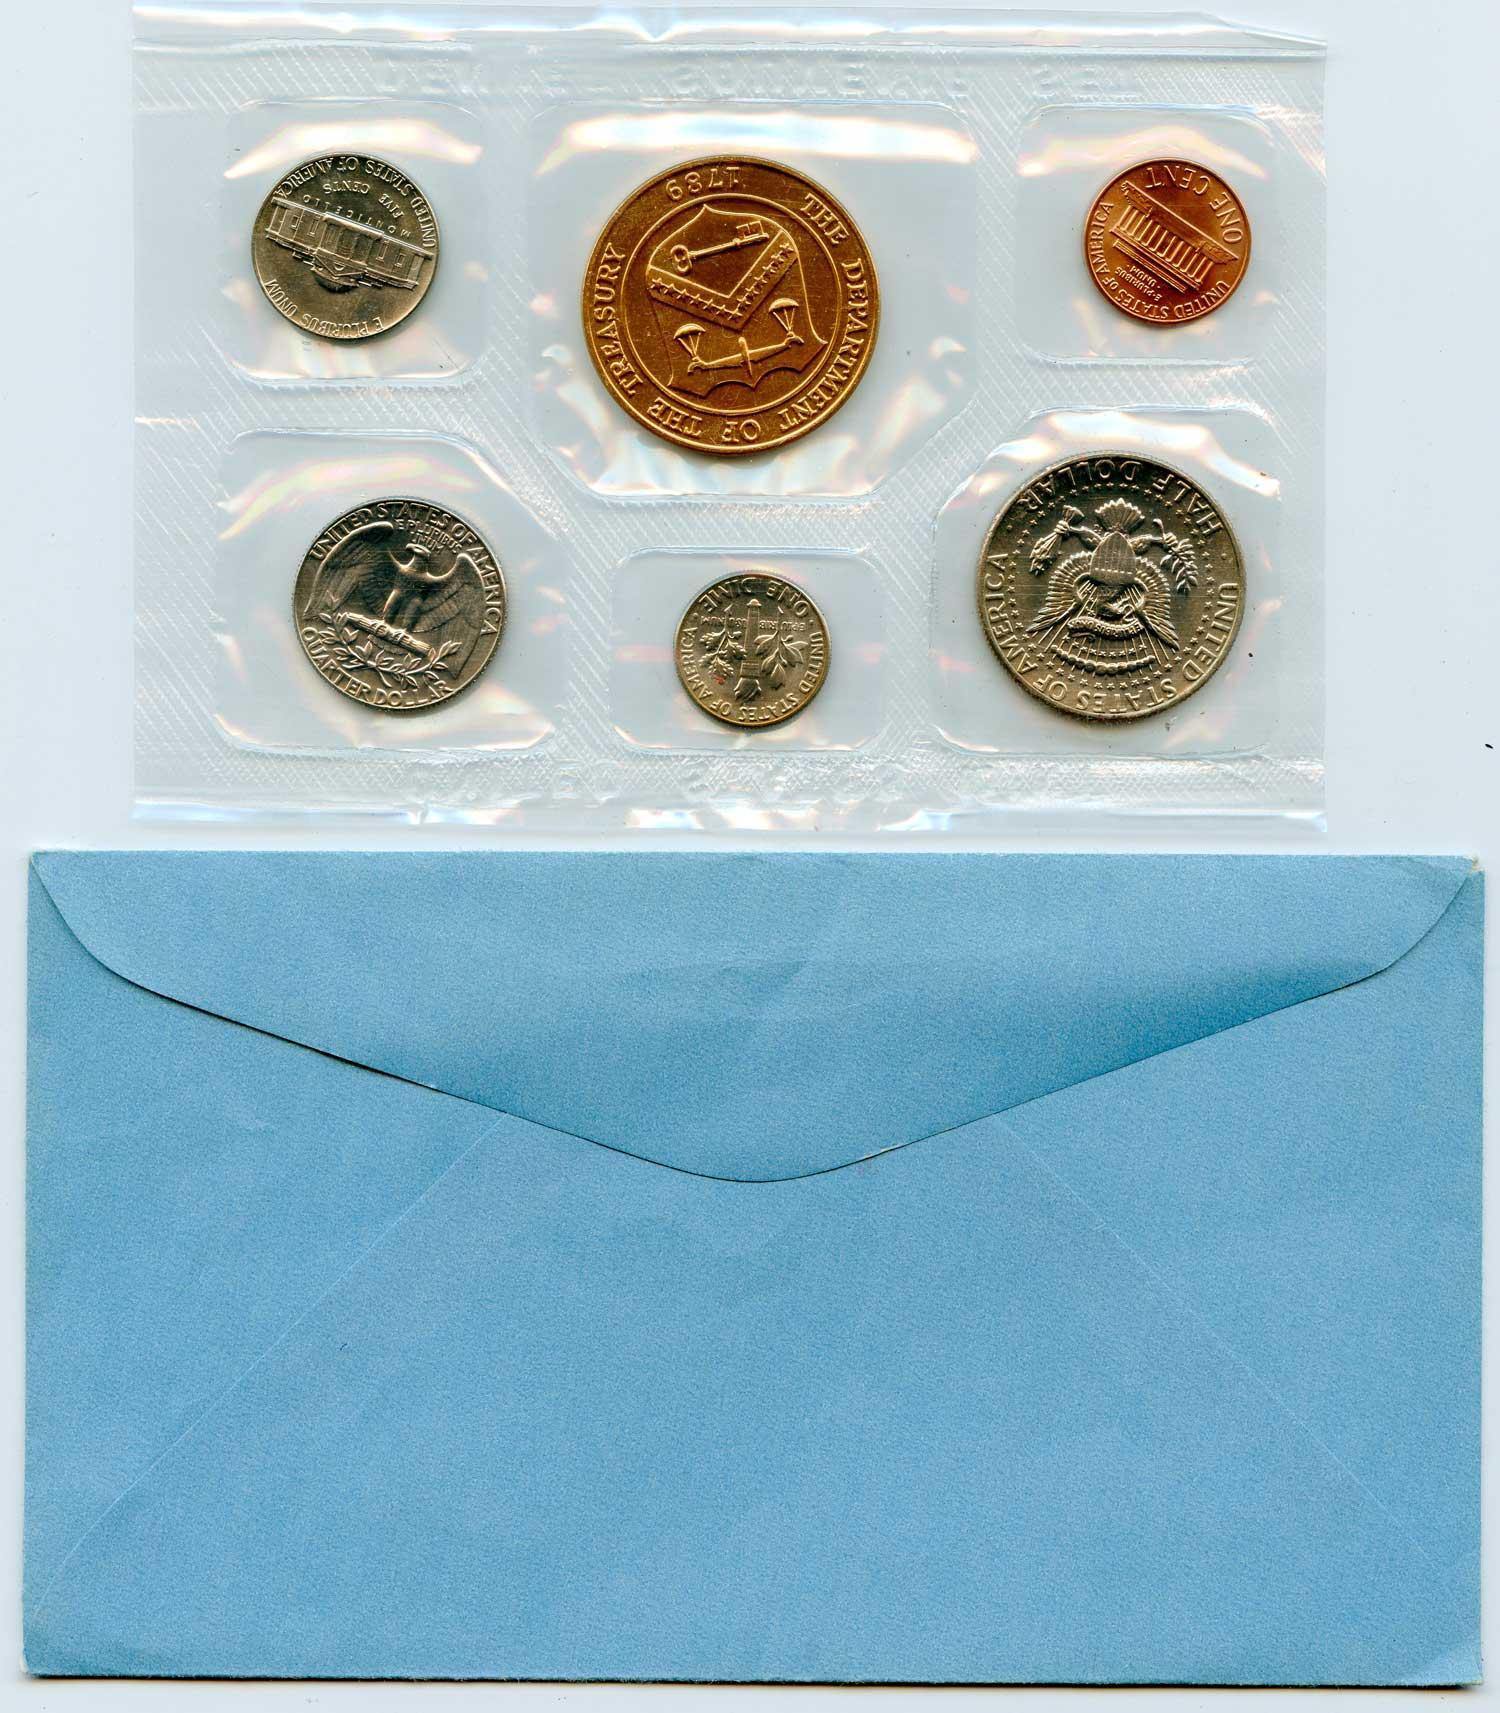 1974 1975 Scarce Dual Date Denver U.S. Mint Souvenir Set